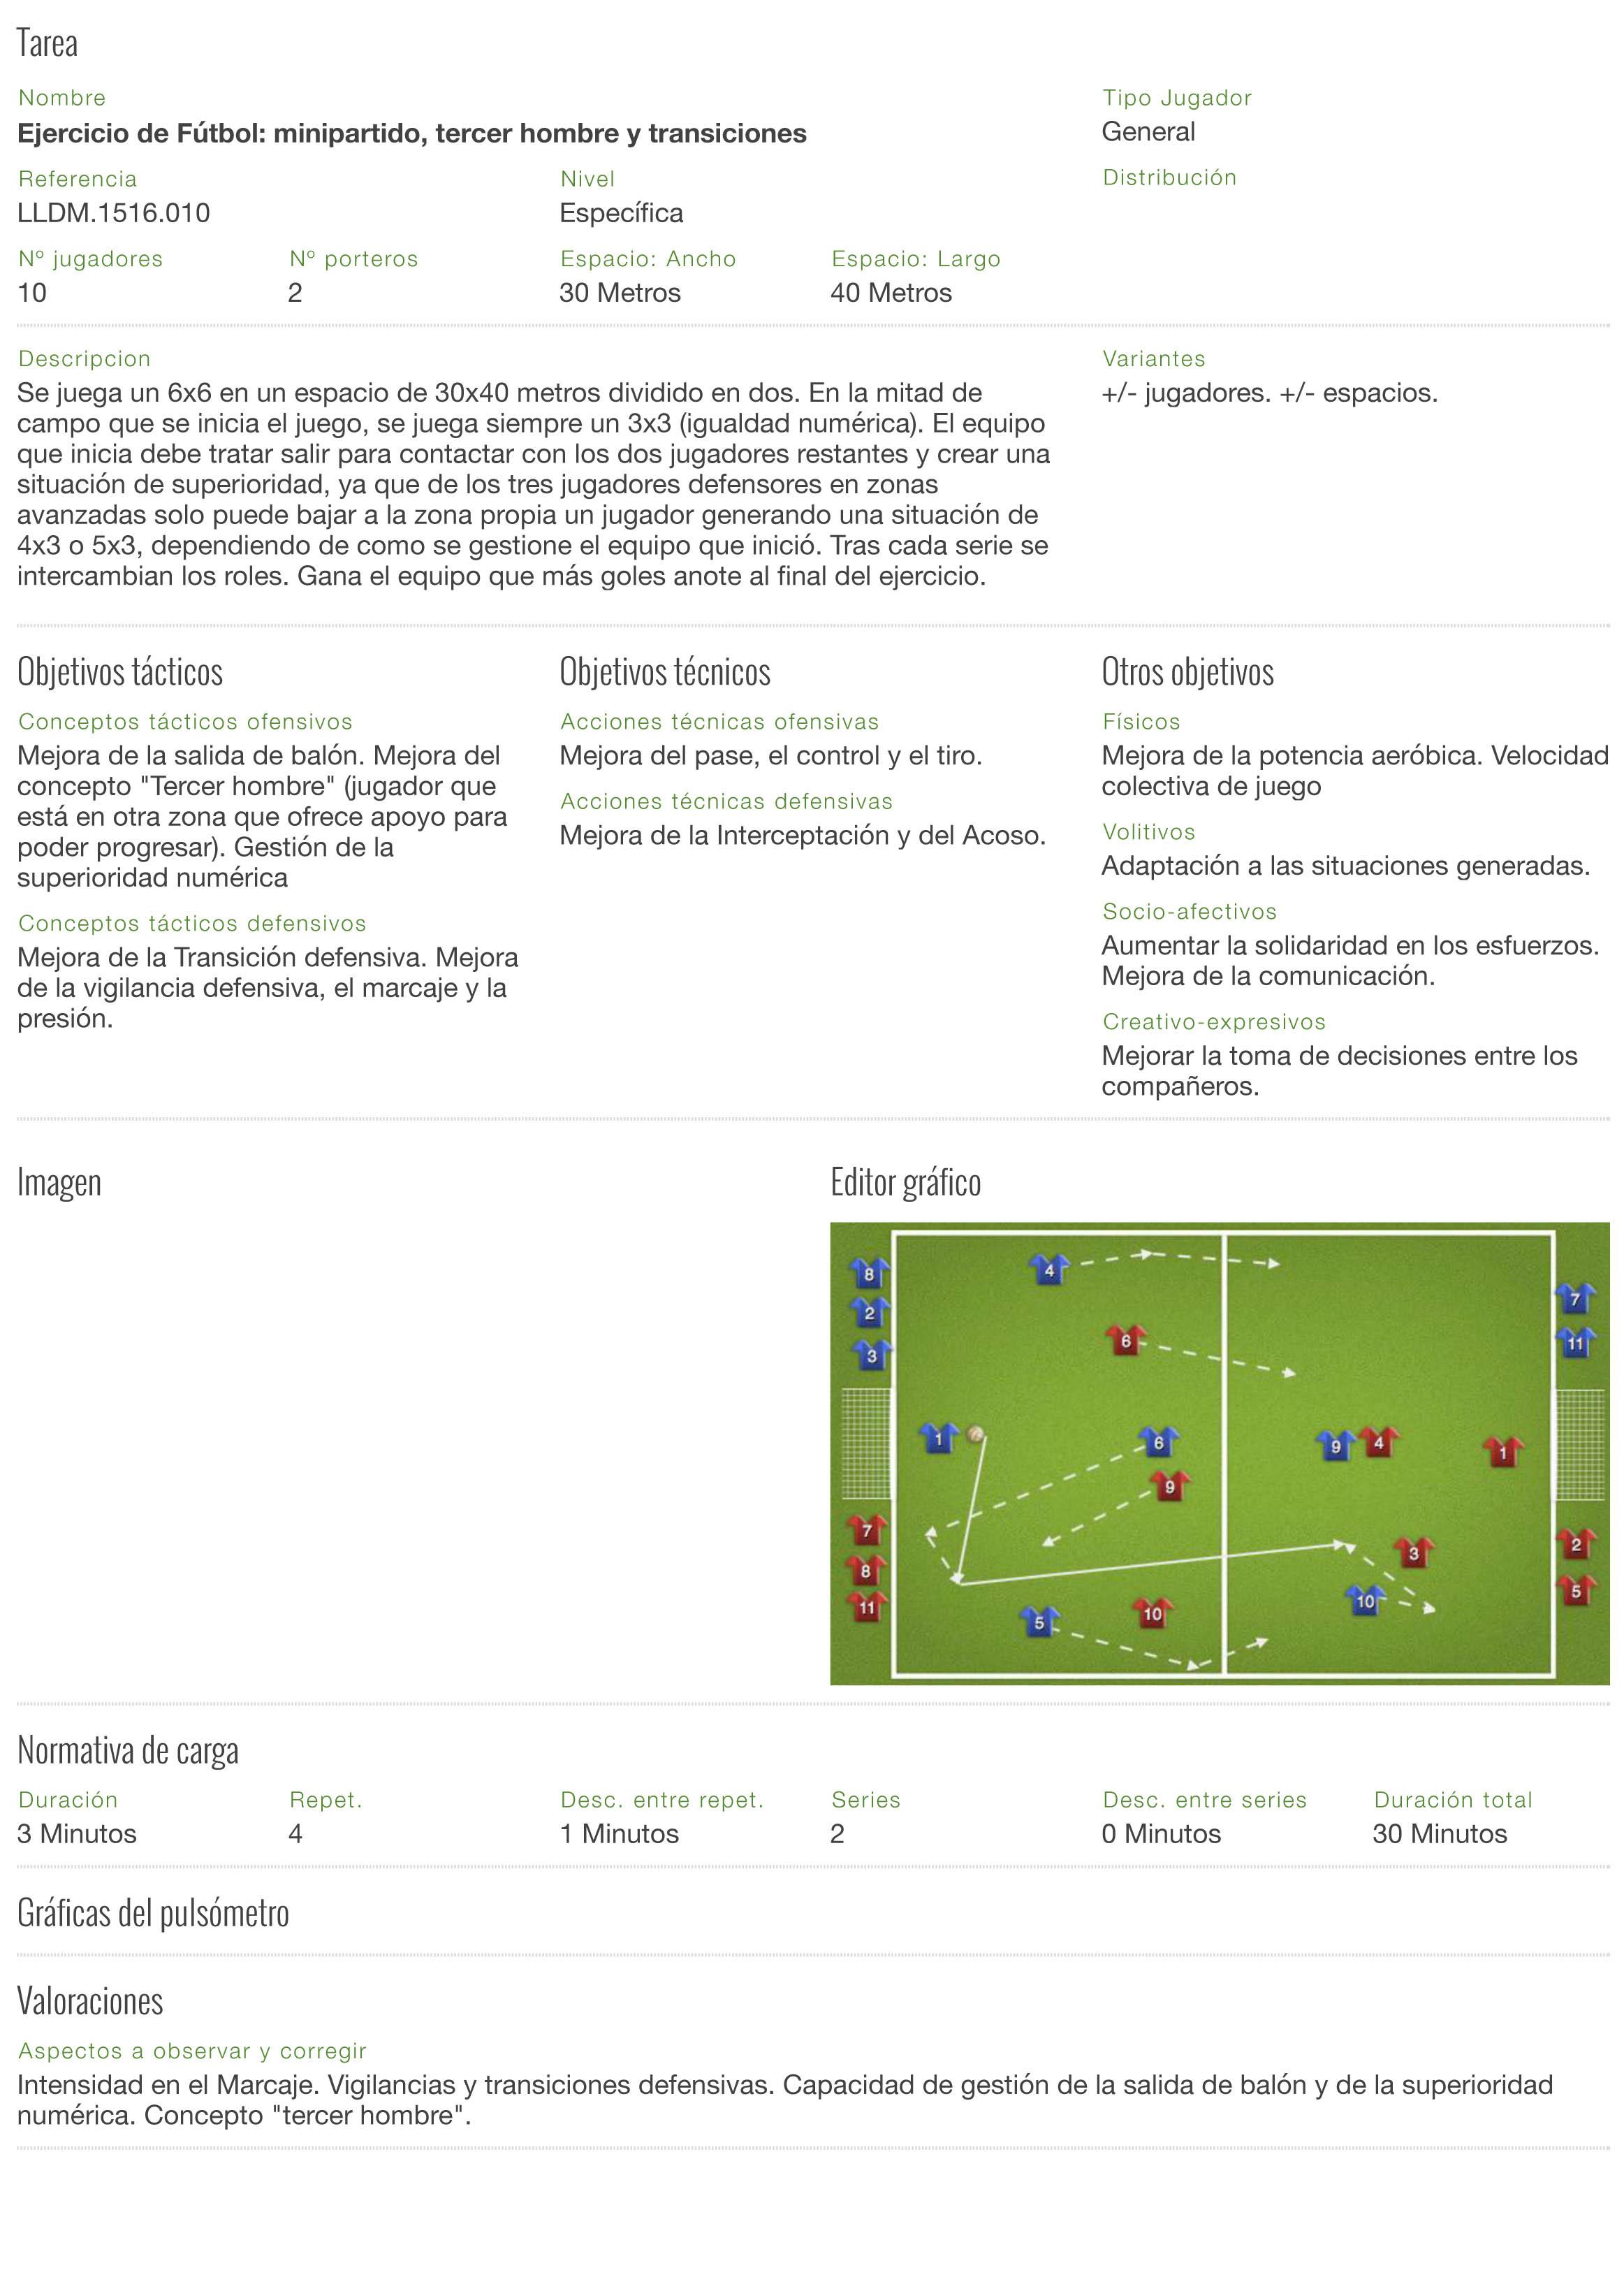 Ejercicio de Fútbol: minipartido, tercer hombre y transiciones